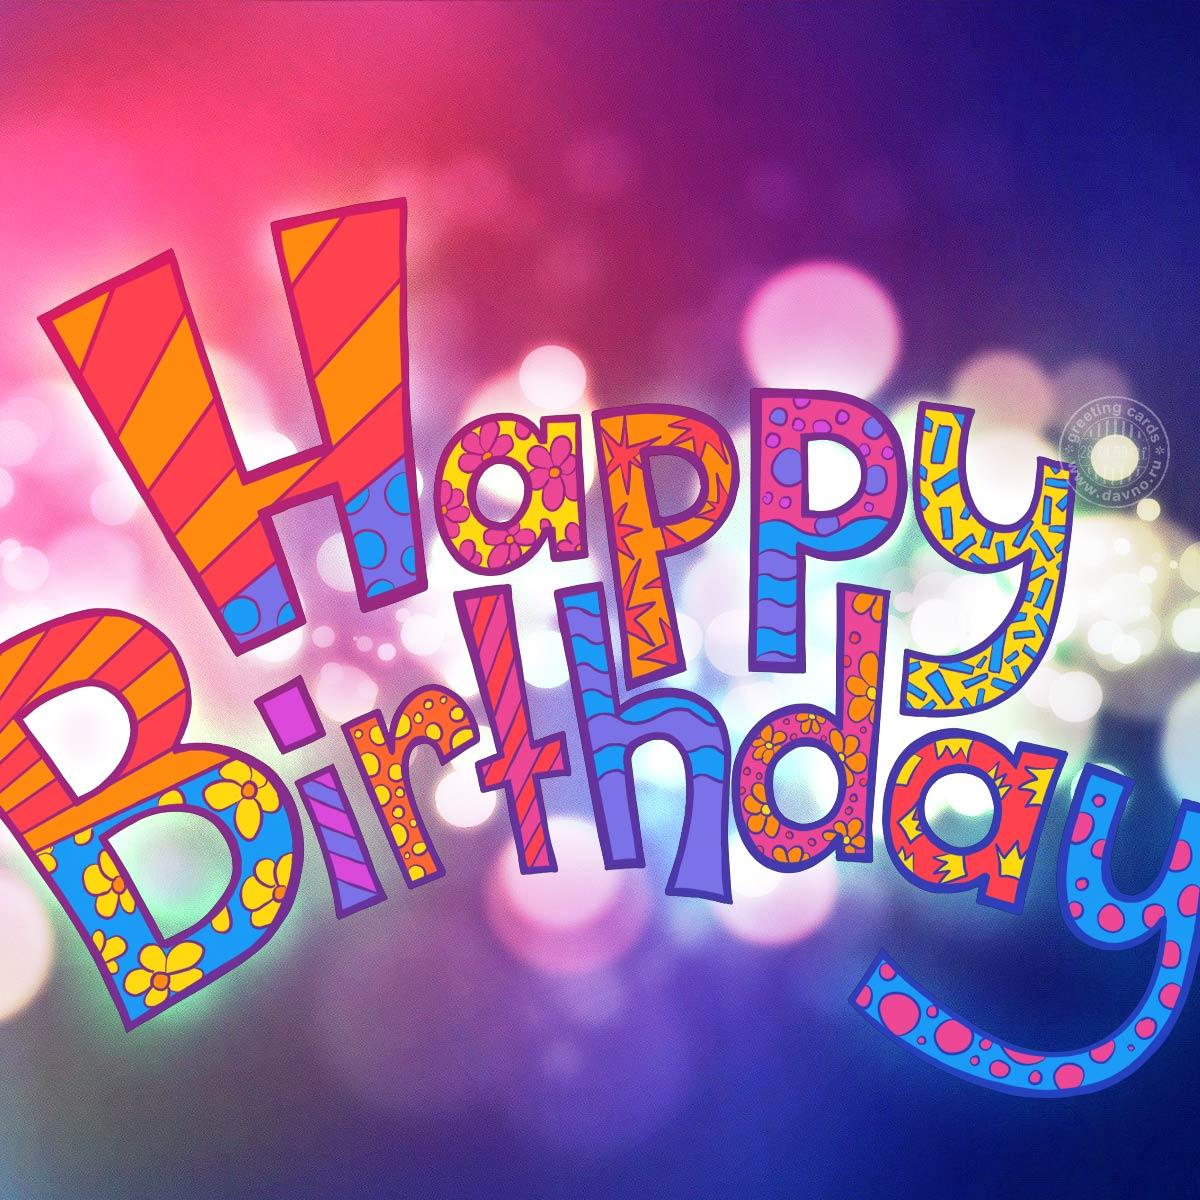 Днем, картинки ко дню рождения прикольные на английскому